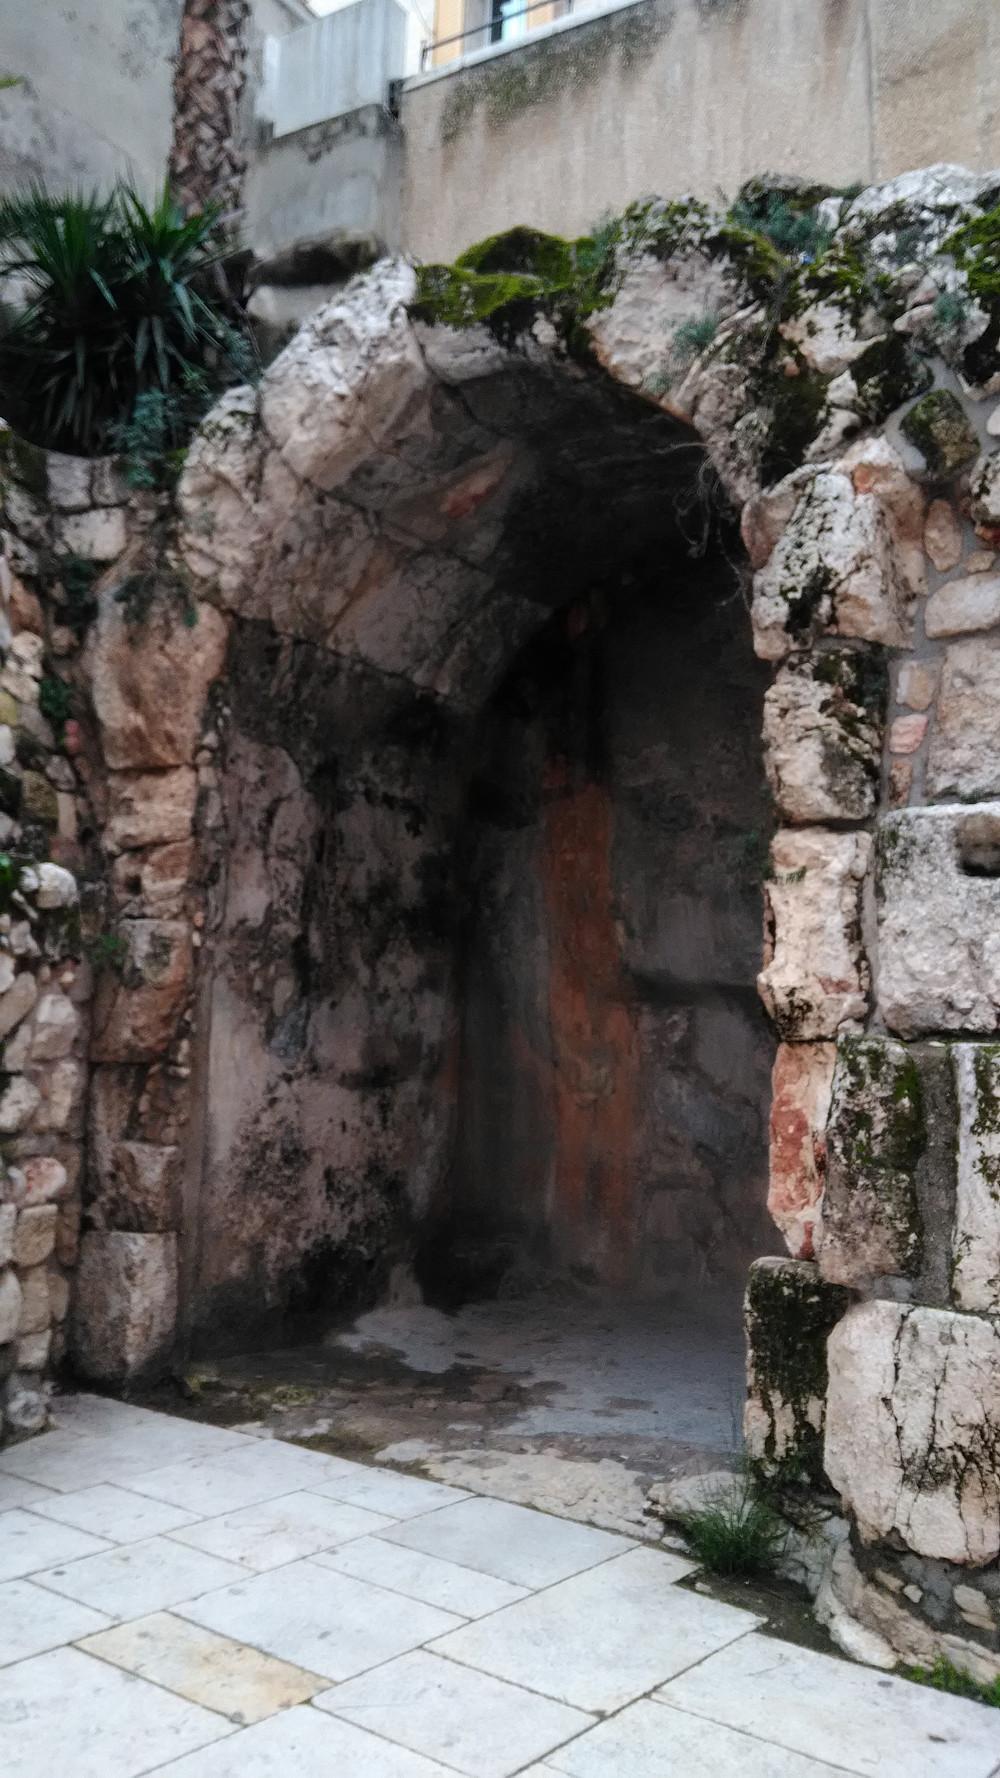 Jerusalemin vanhassa kaupungissa liikutaan lähinnä jalkaisin.